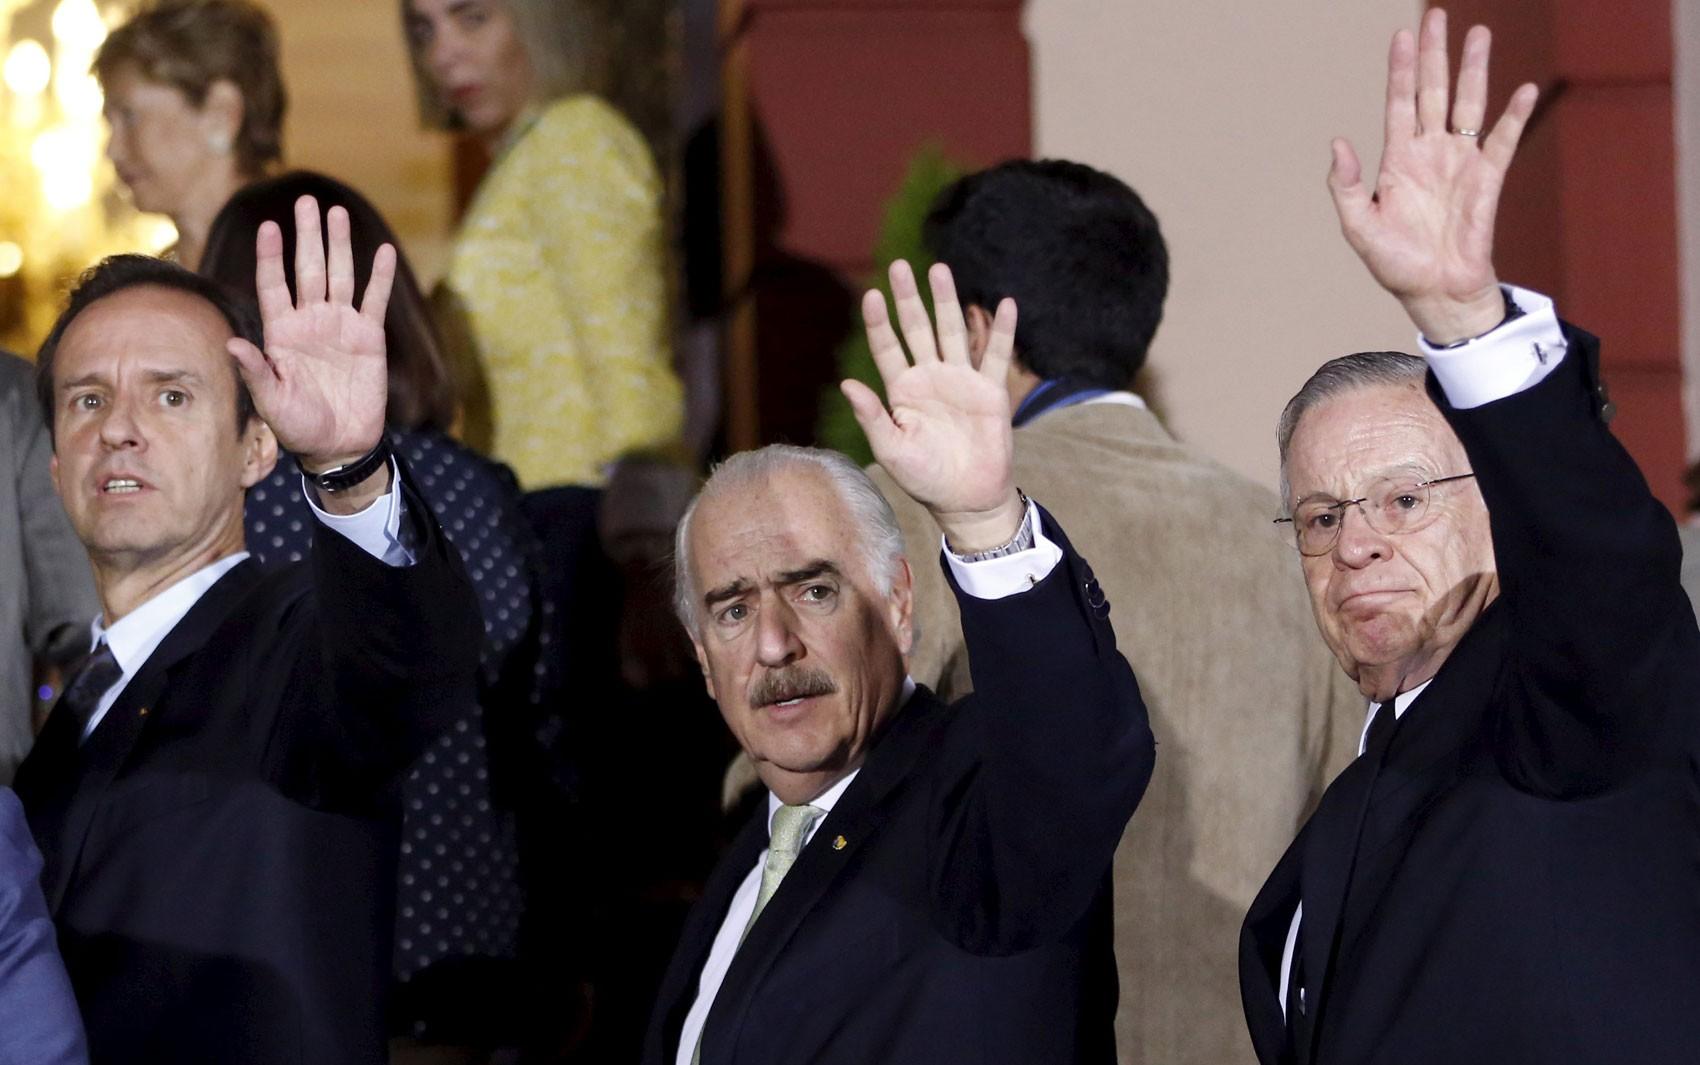 Os ex-presidentes da Bolívia, Jorge Quiroga, Colômbia, Andres Pastrana, e da Costa Rica, Miguel Angel Rodriguez, acenam para repórteres em Caracas, na Venezuela, no sábado (5) (Foto: Reuters/Carlos Garcia Rawlins)